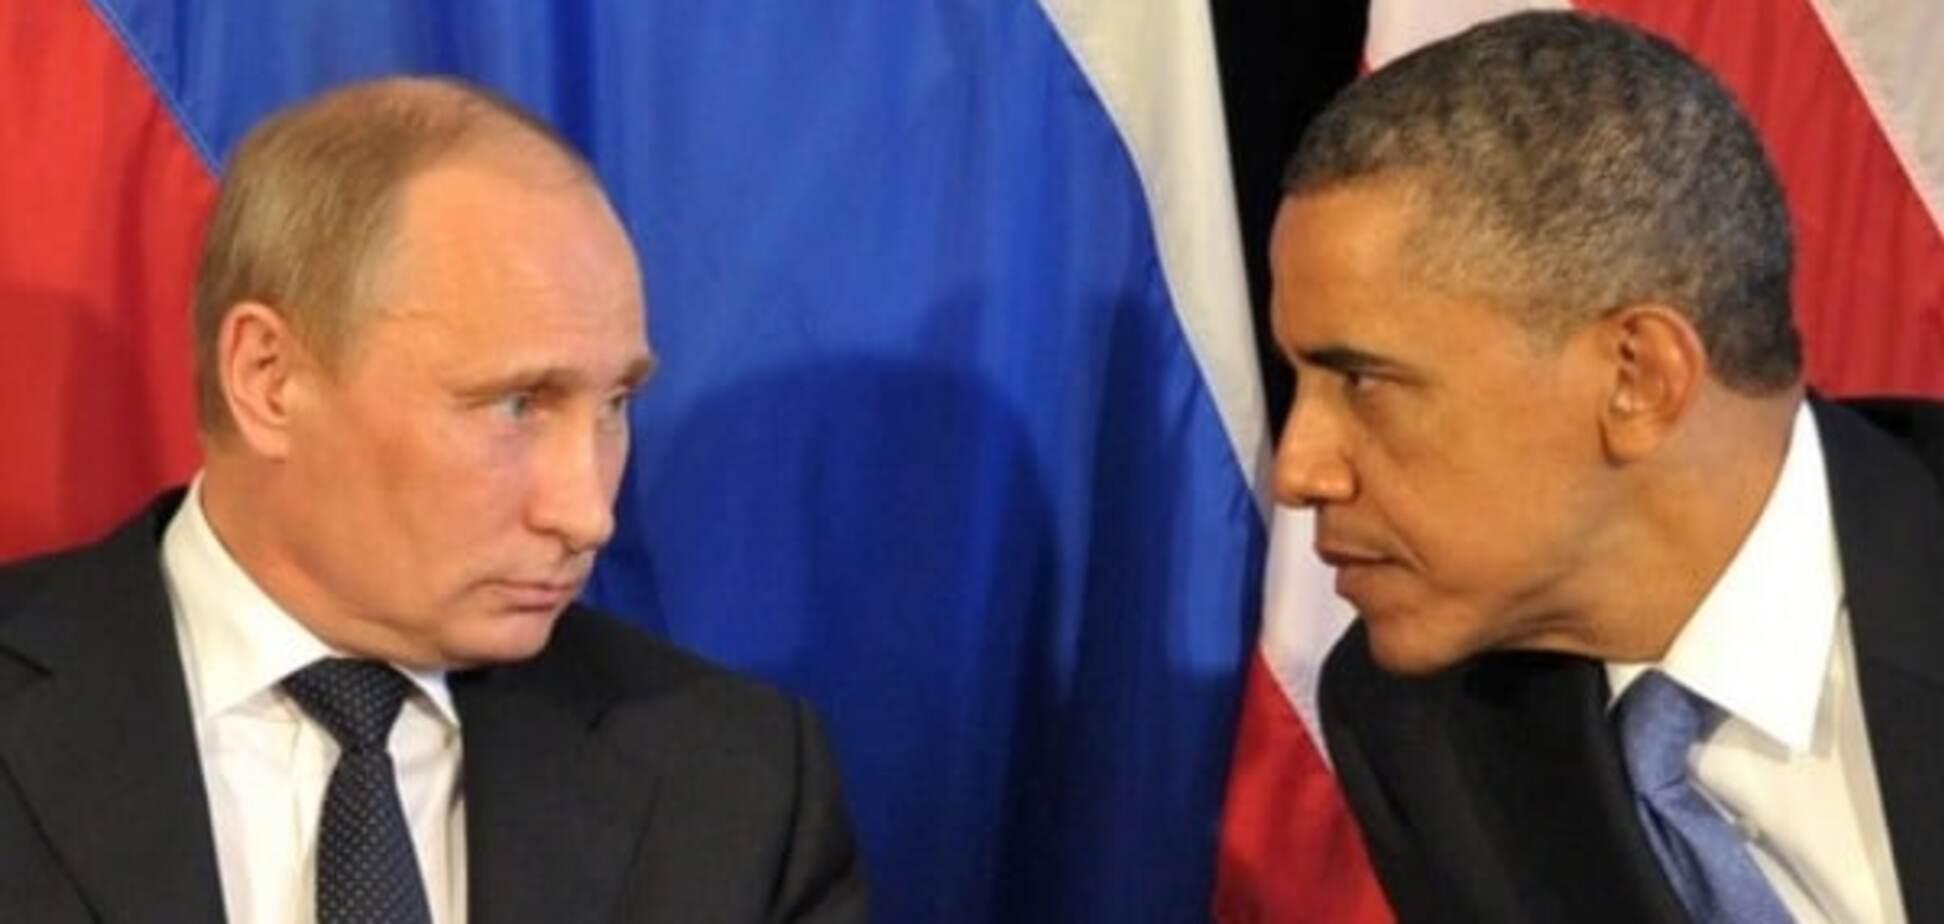 Путин 'удачно' съездил в Китай